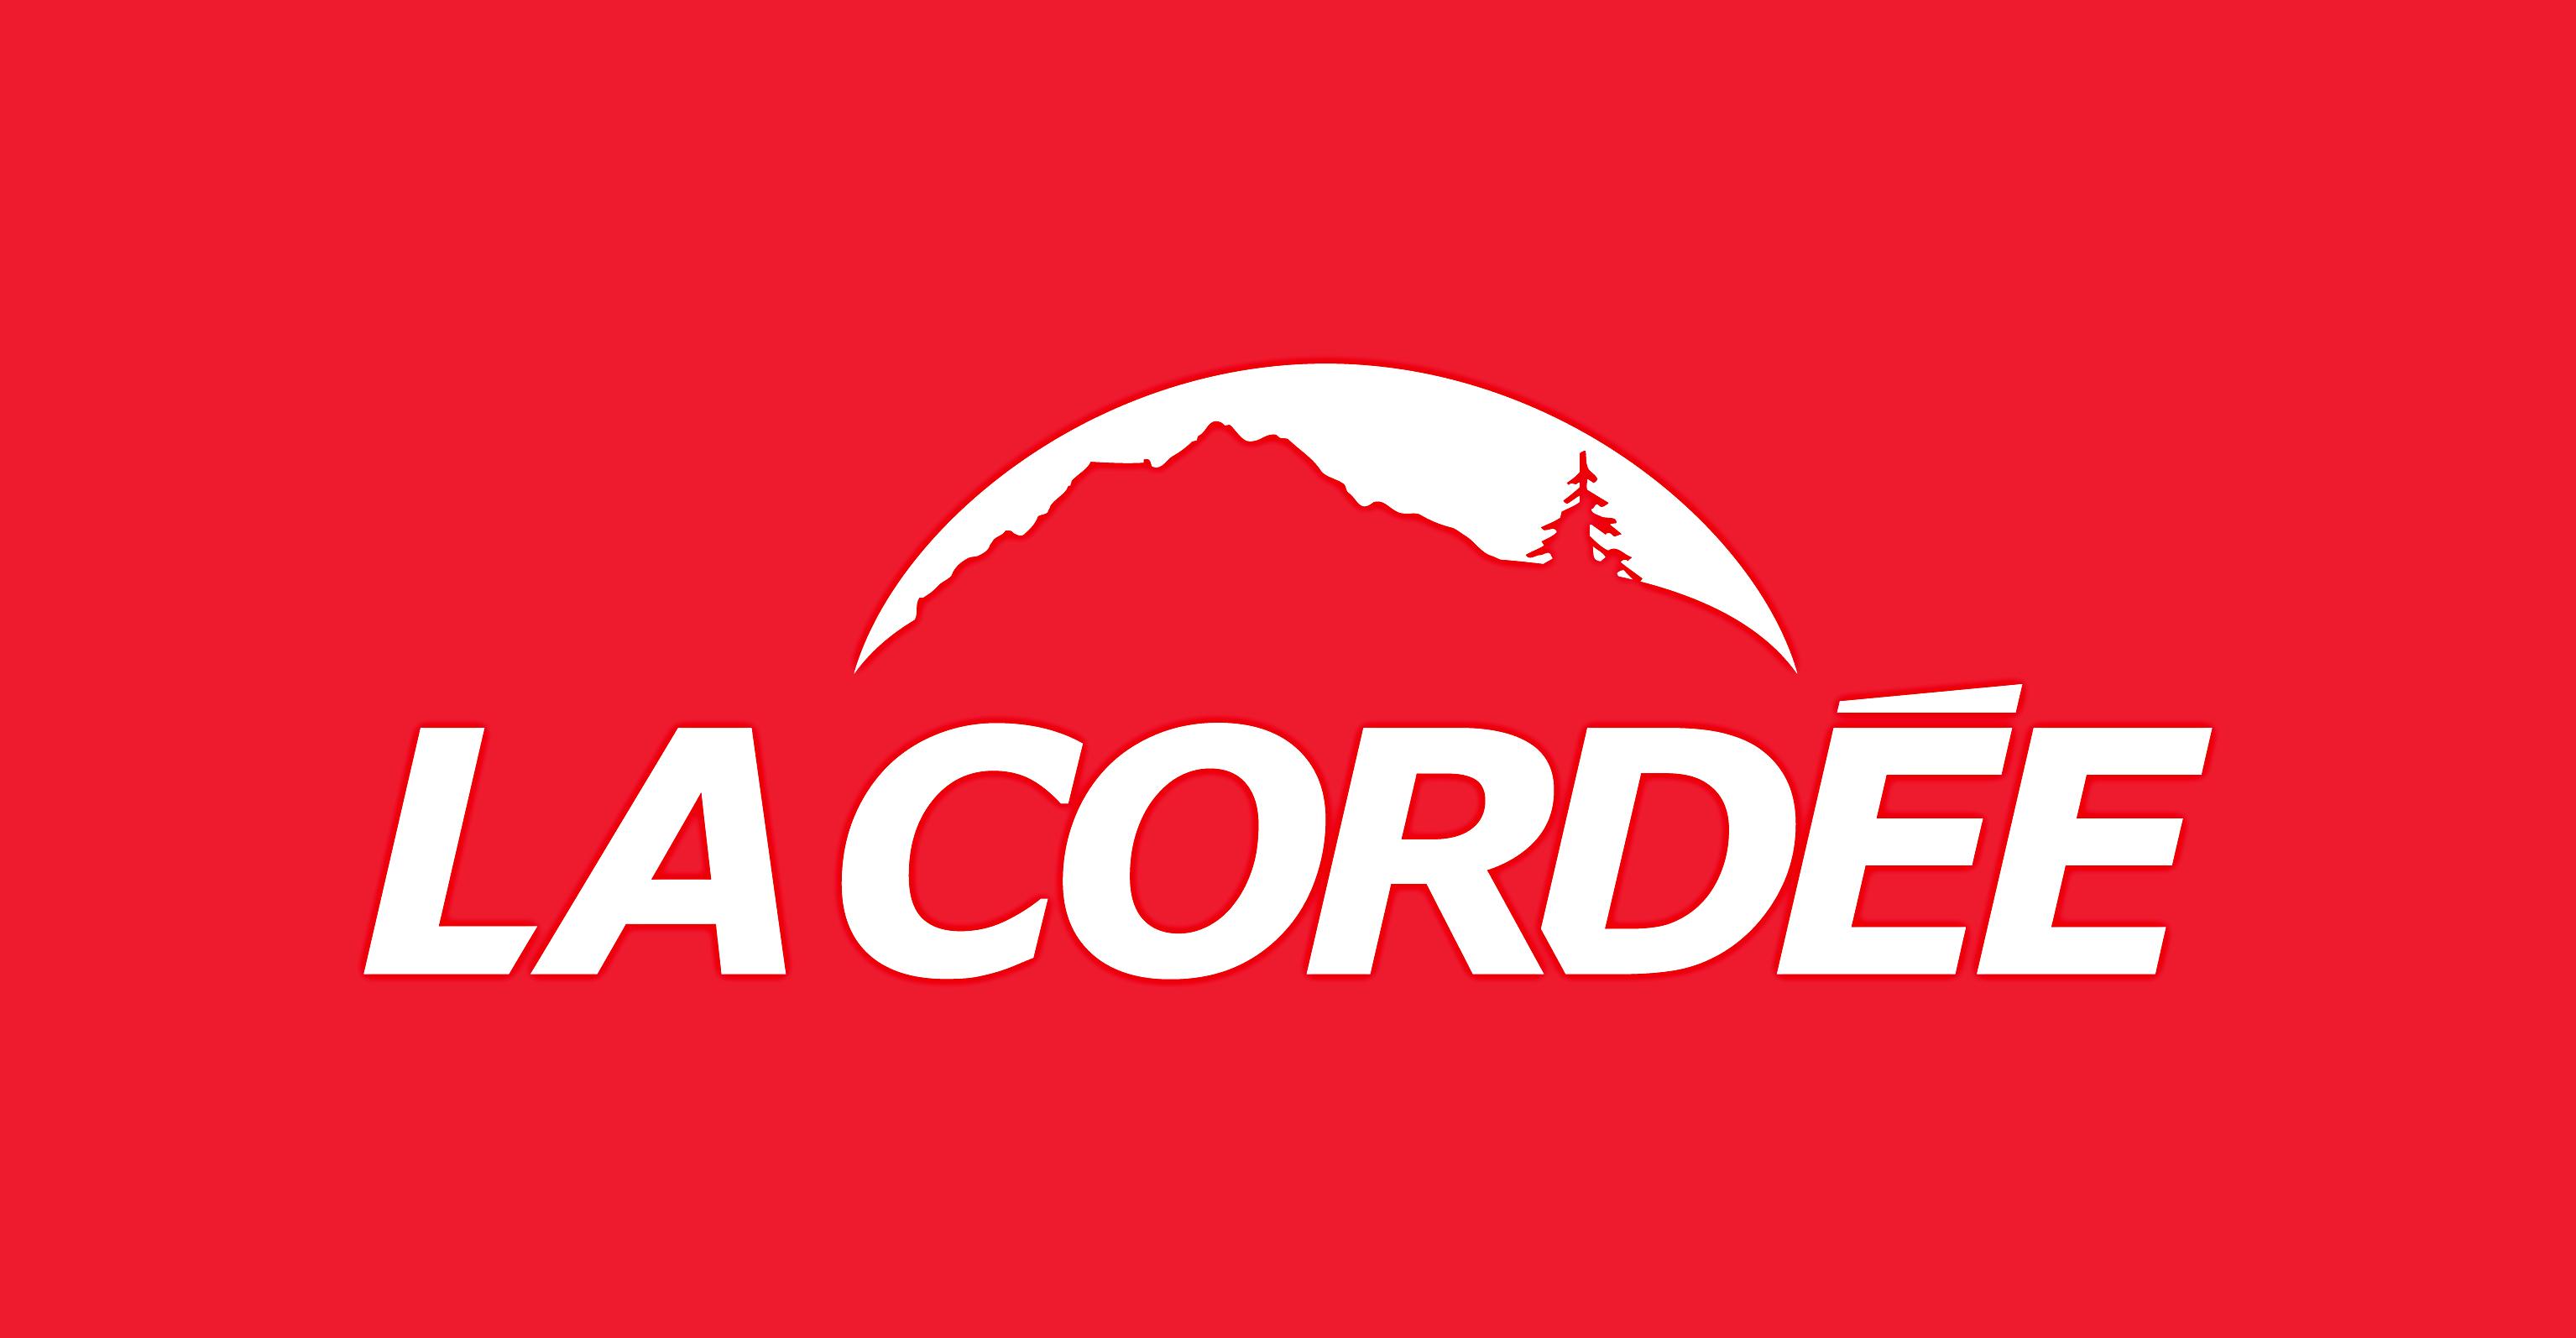 La Cordée